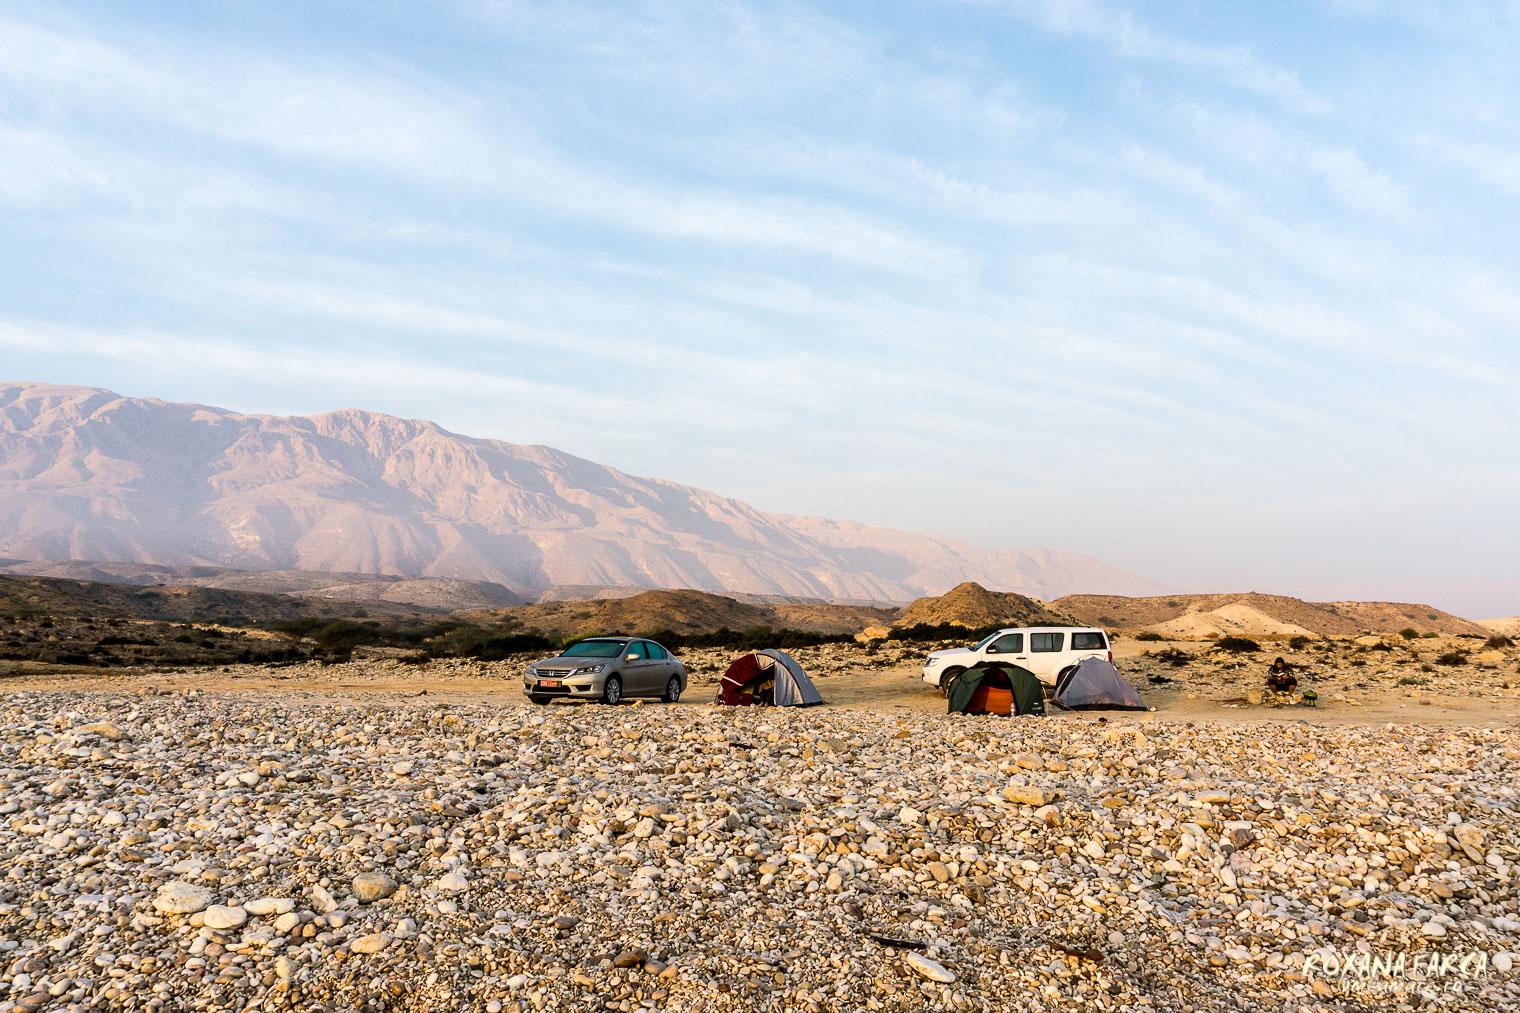 Oman-9238